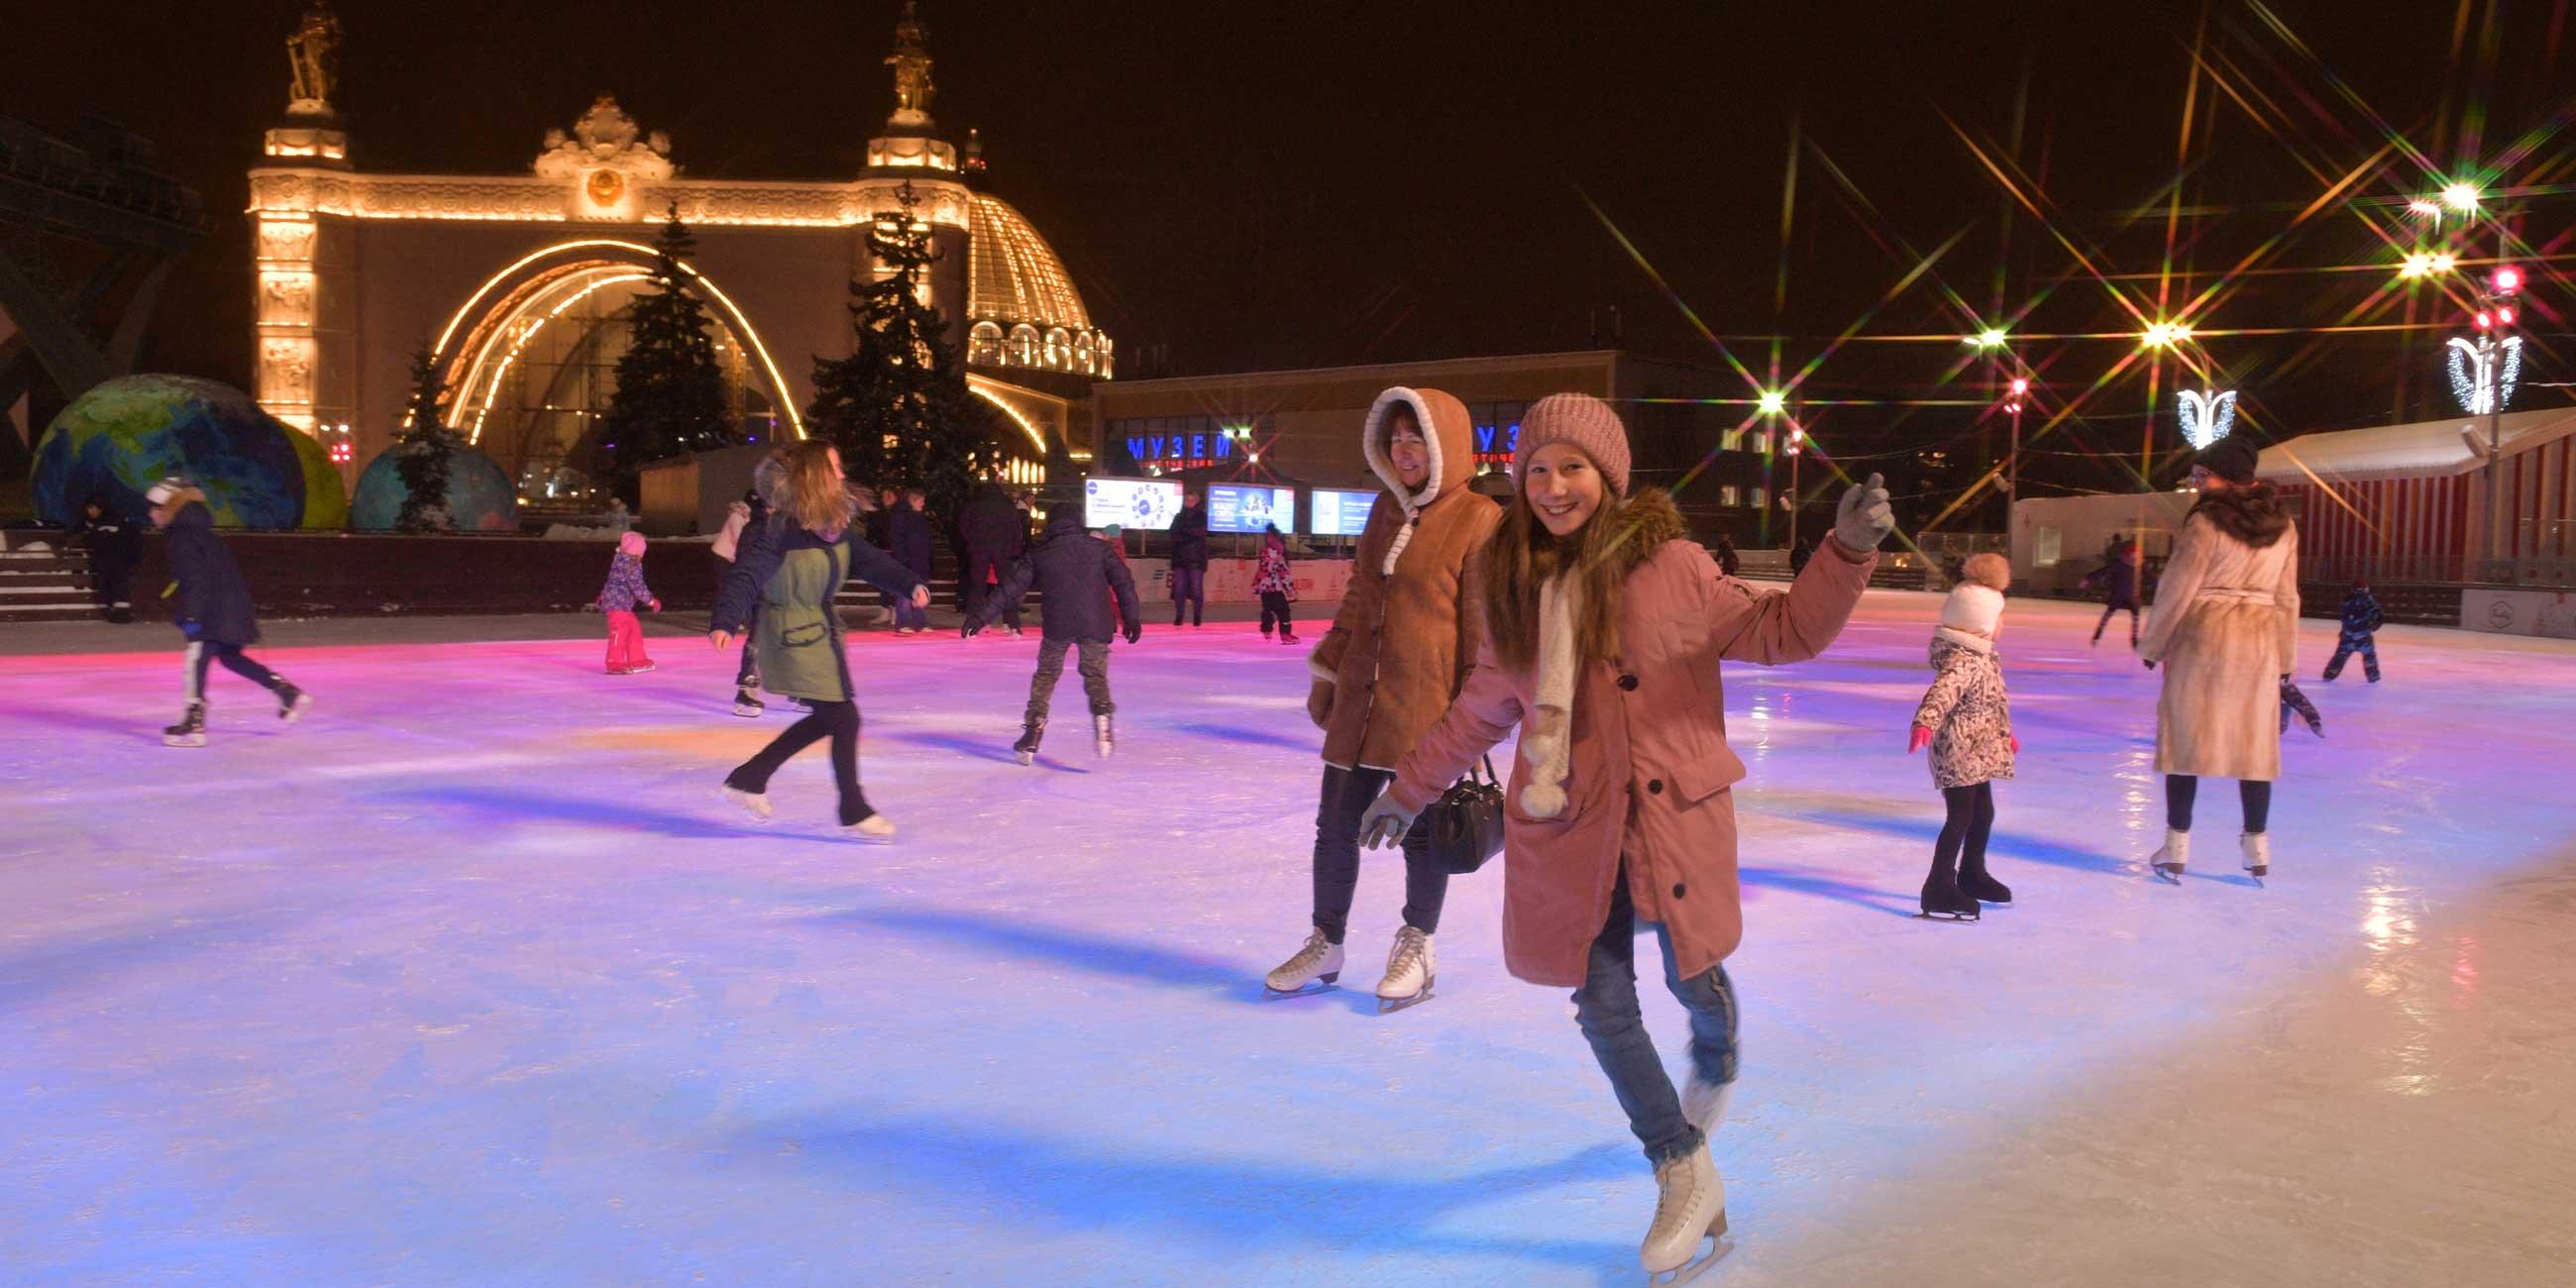 Зимой ВДНХ - любимое место отдыха горожан: здесь заливают два огромных катка.Фото: globallookpress.com